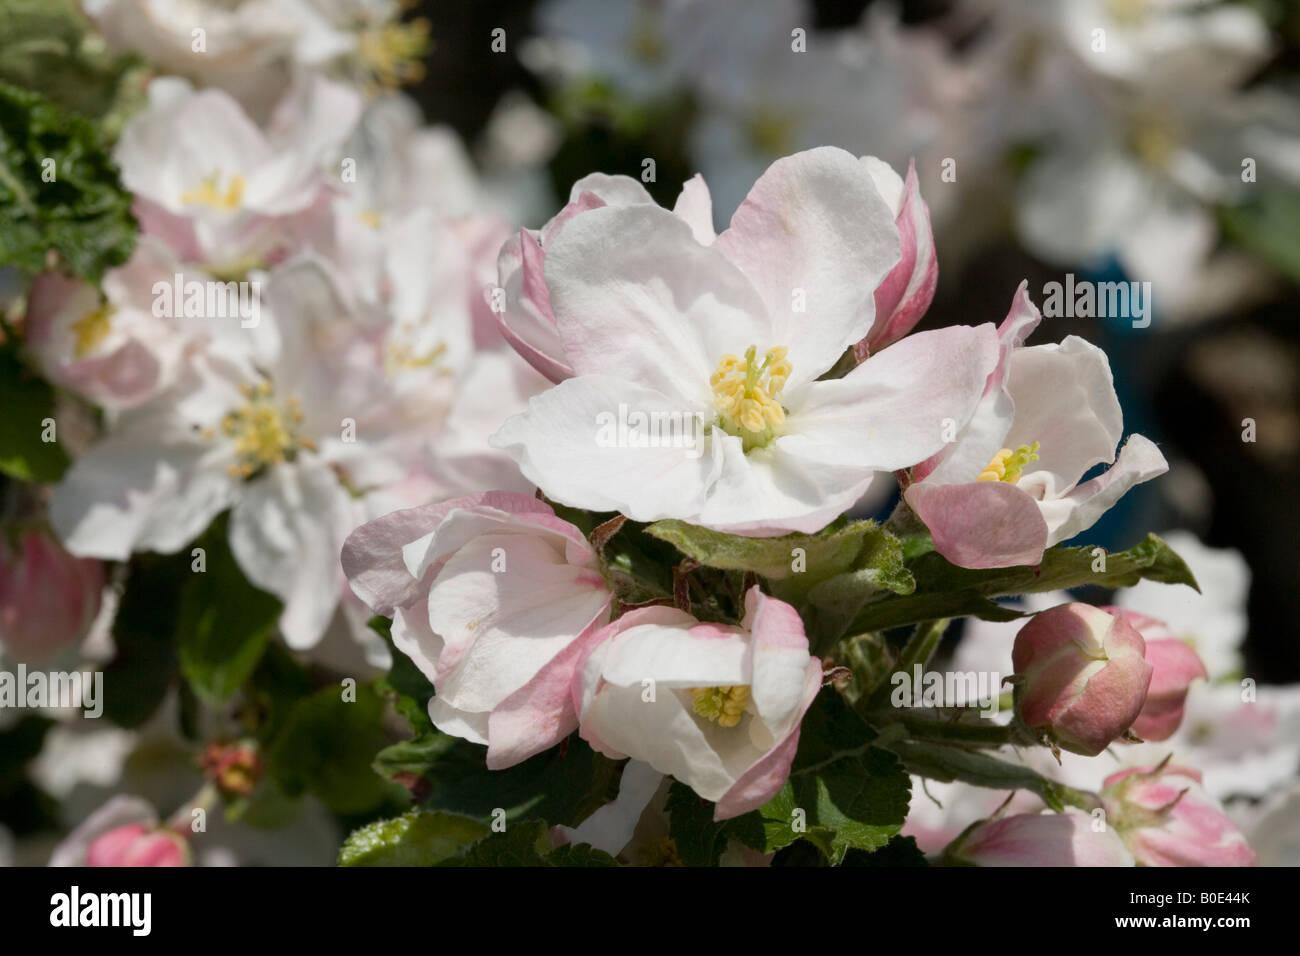 Fleurs de pommier dans un verger Banque D'Images